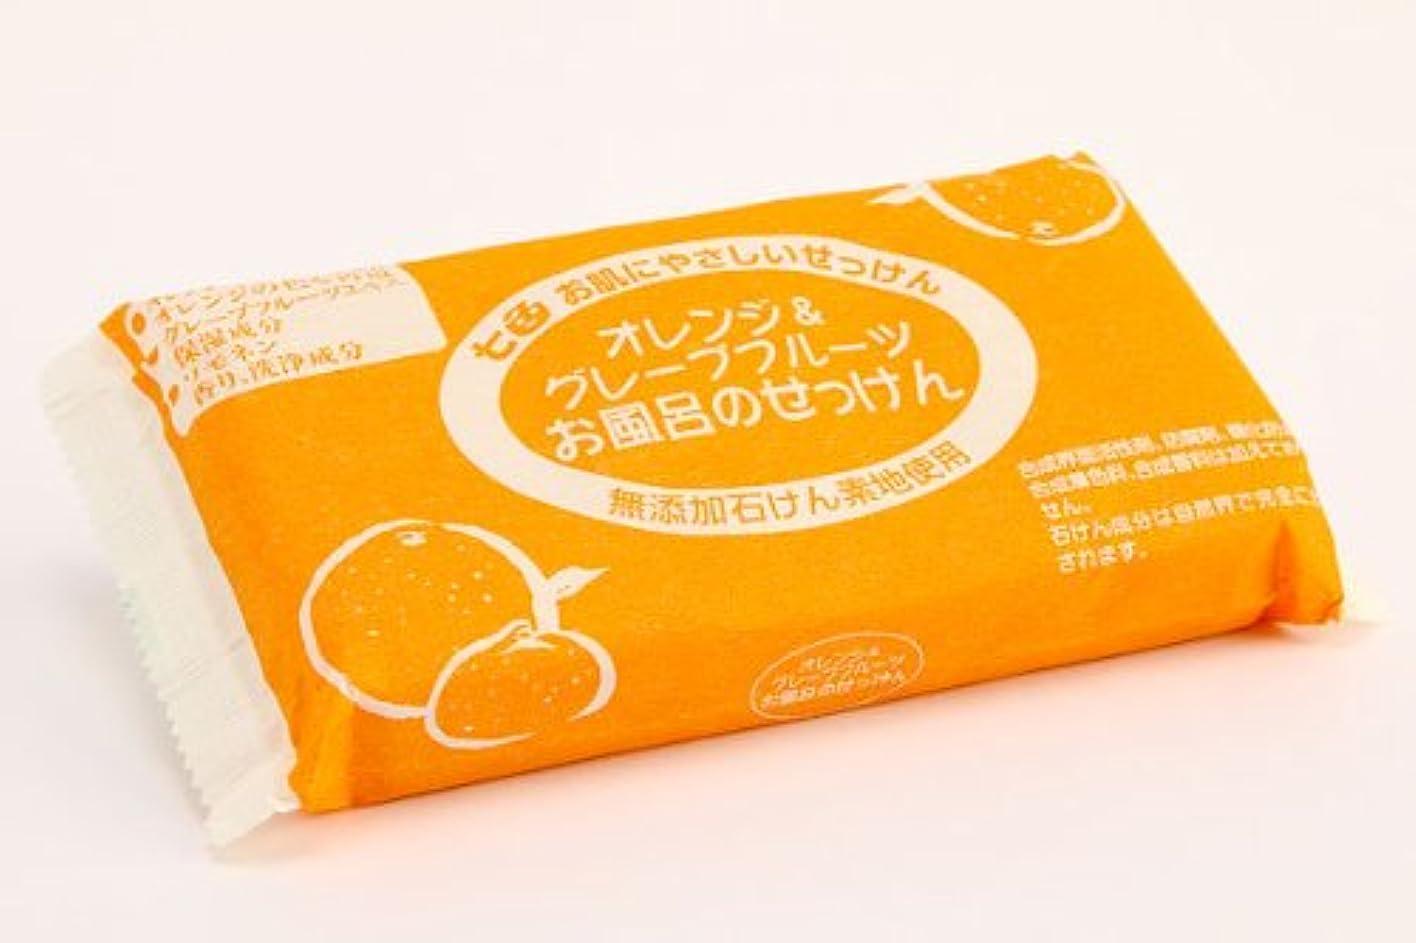 コーヒーガレージハンドブックまるは油脂化学 七色石けん オレンジ&グレープフルーツお風呂の石けん3P 100g×3個パック×40